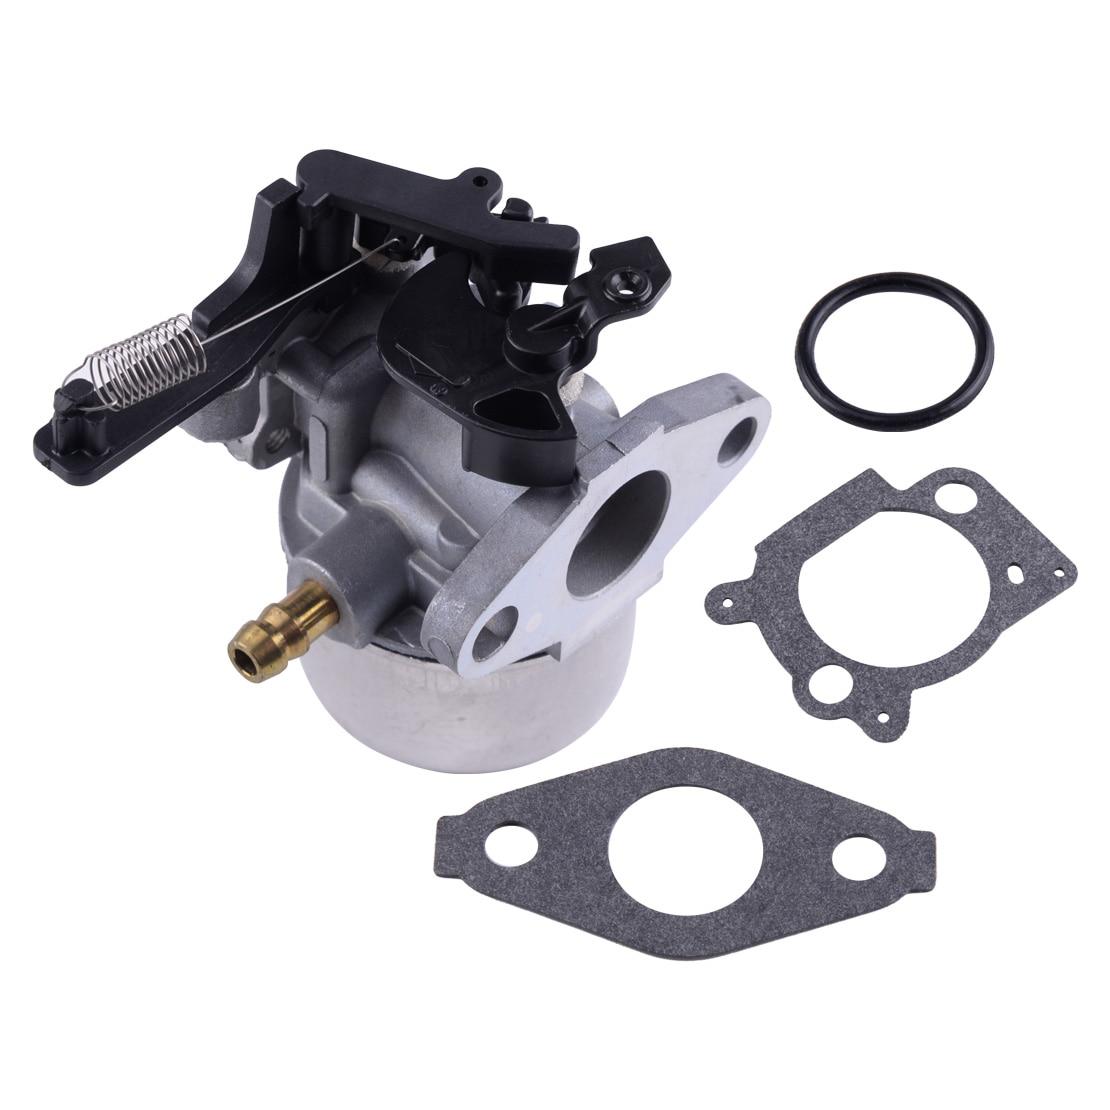 LETAOSK New Substituição do Carburador Carb Junta